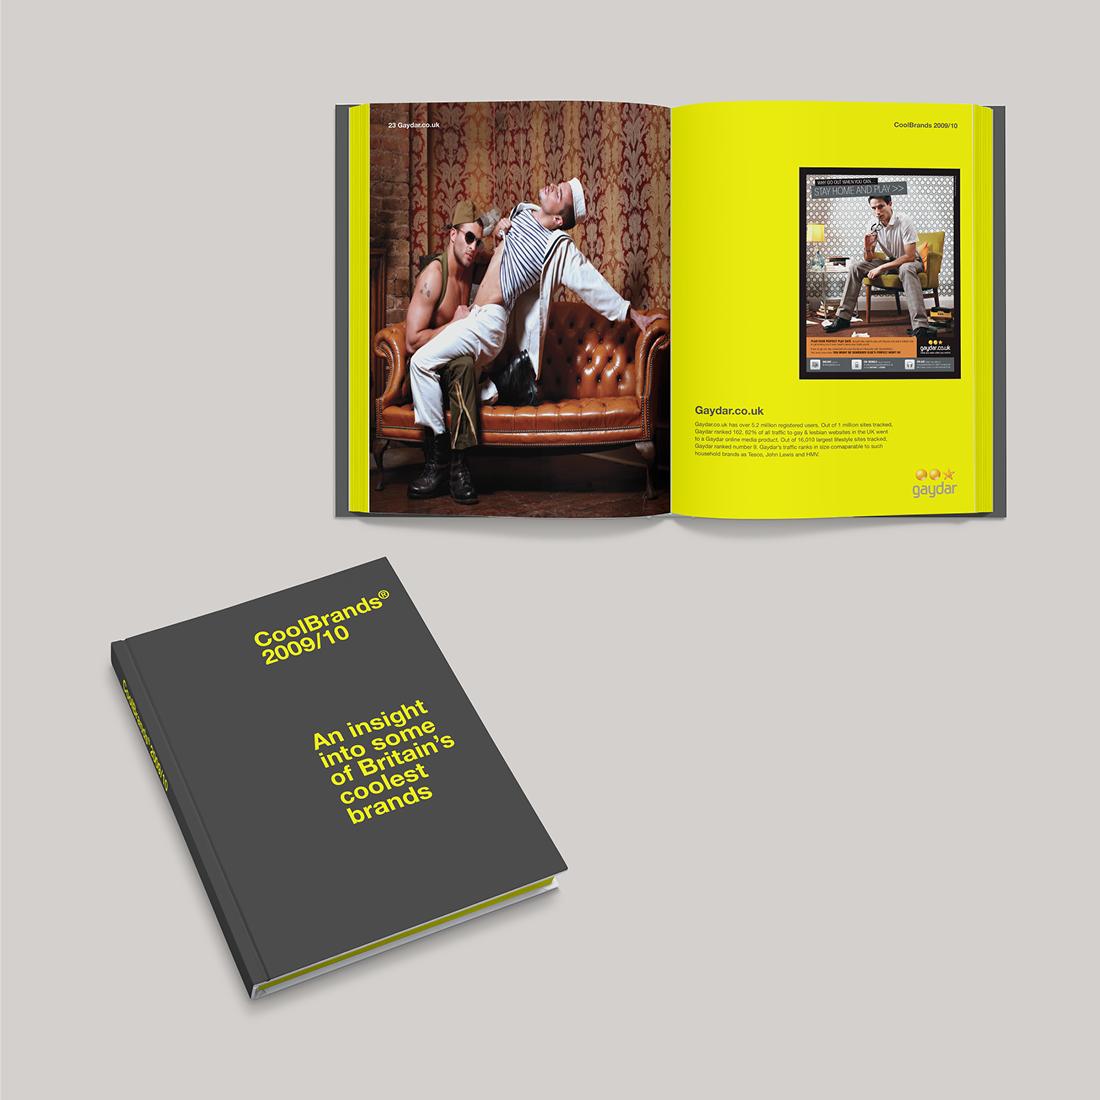 Gaydar CoolBrands Book